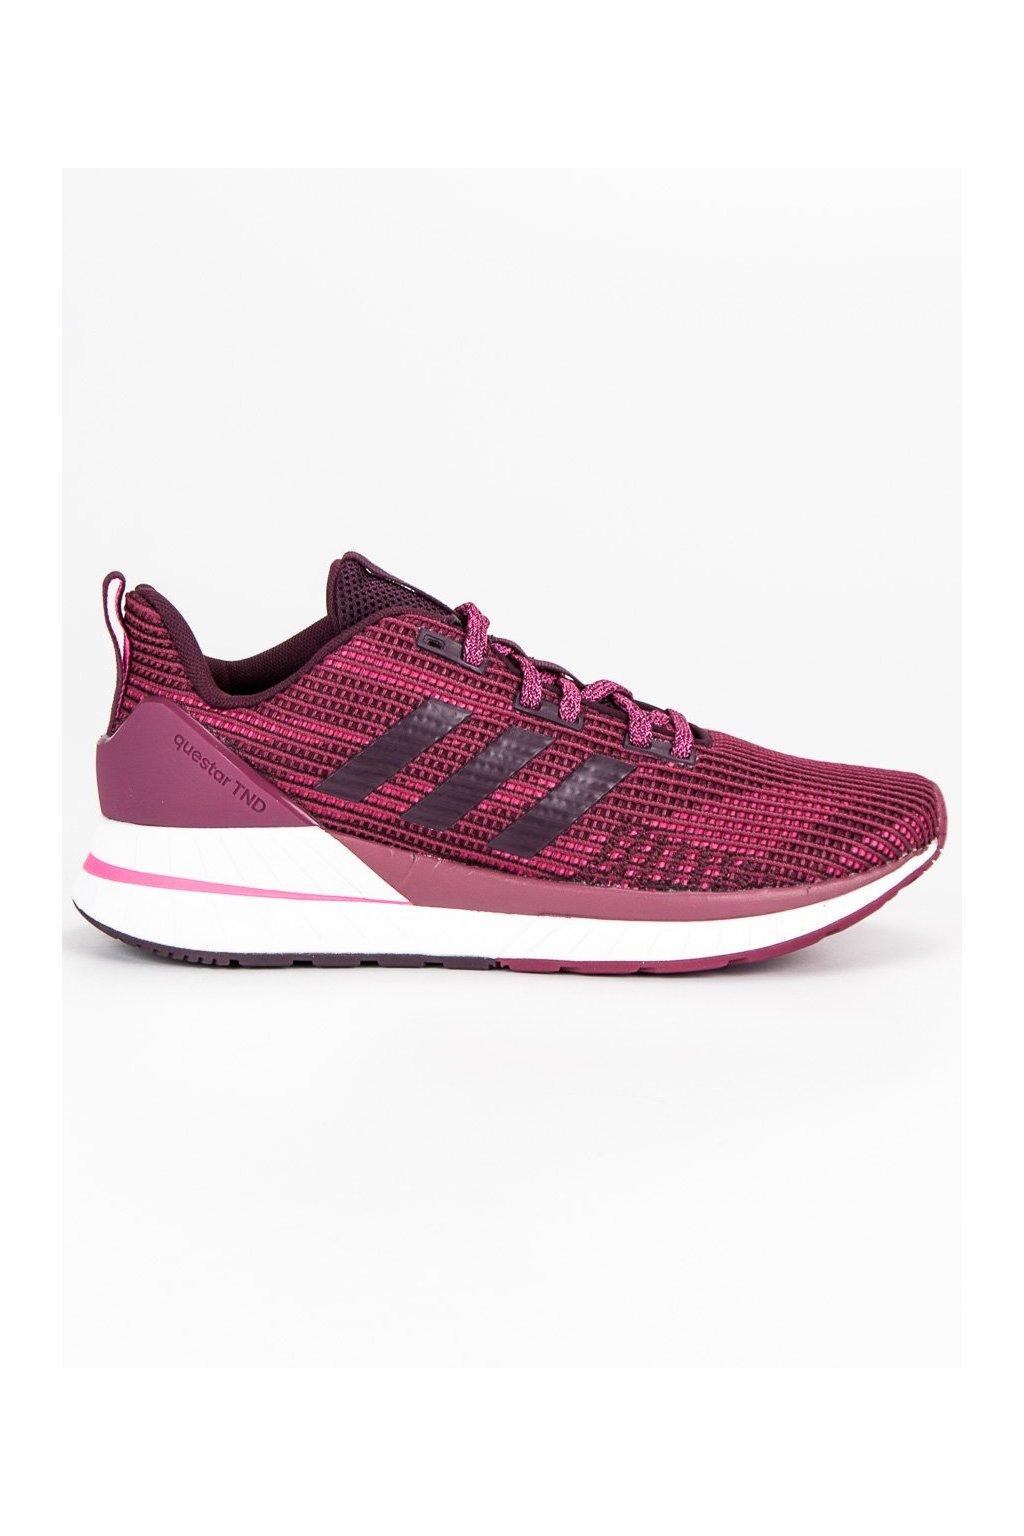 7efda9f8139e Dámske tenisky Adidas